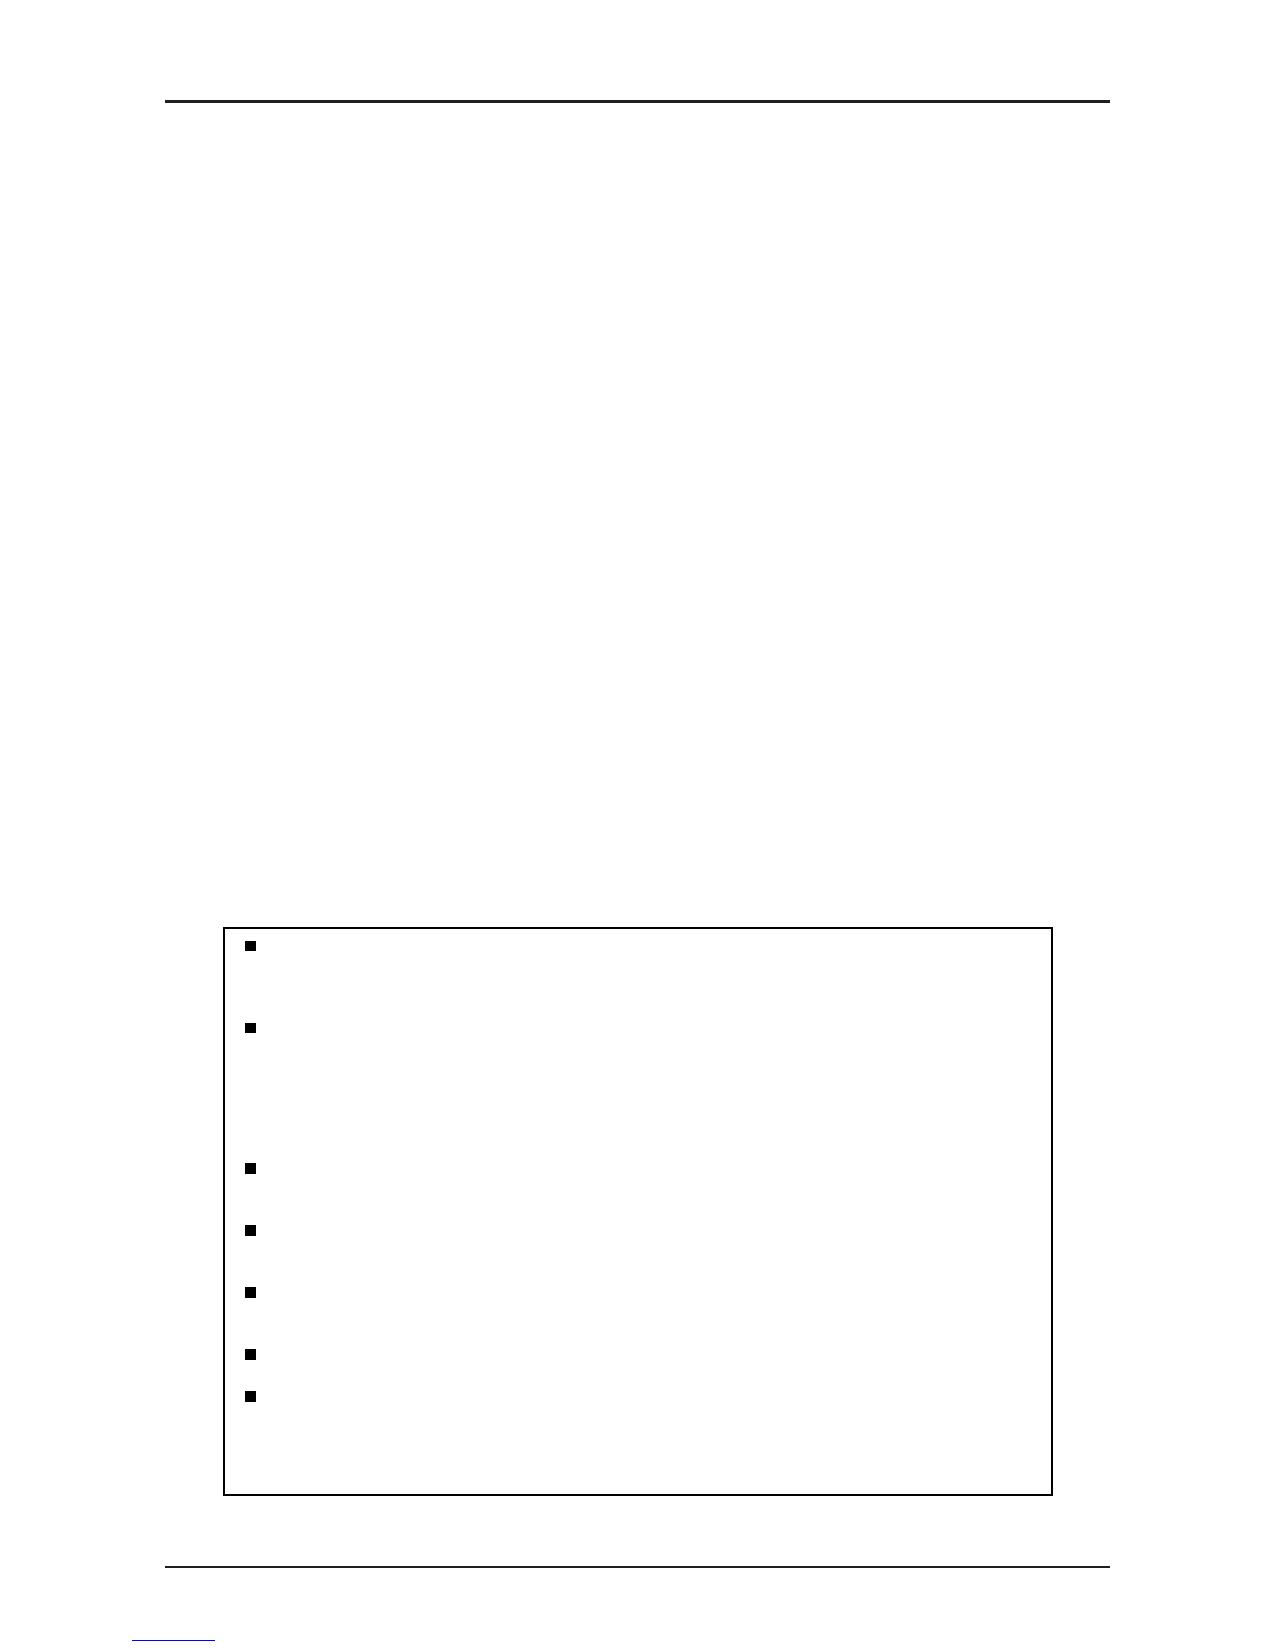 2SC4919-S pdf, 반도체, 판매, 대치품